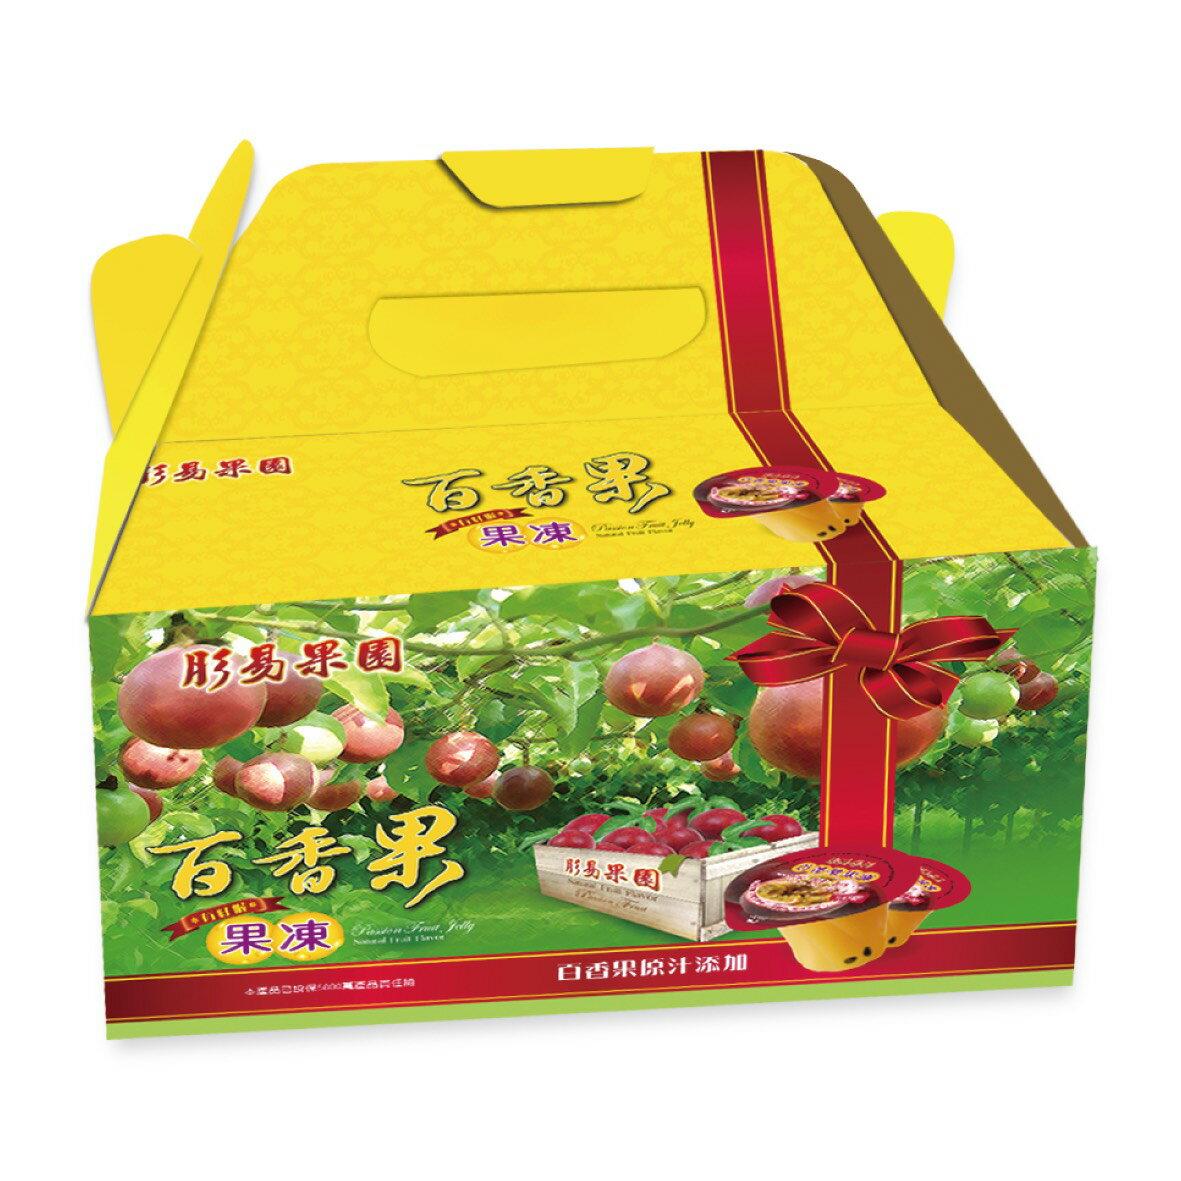 南投埔里百香果果凍-散裝5台斤 (3公斤) (超商限購1盒)